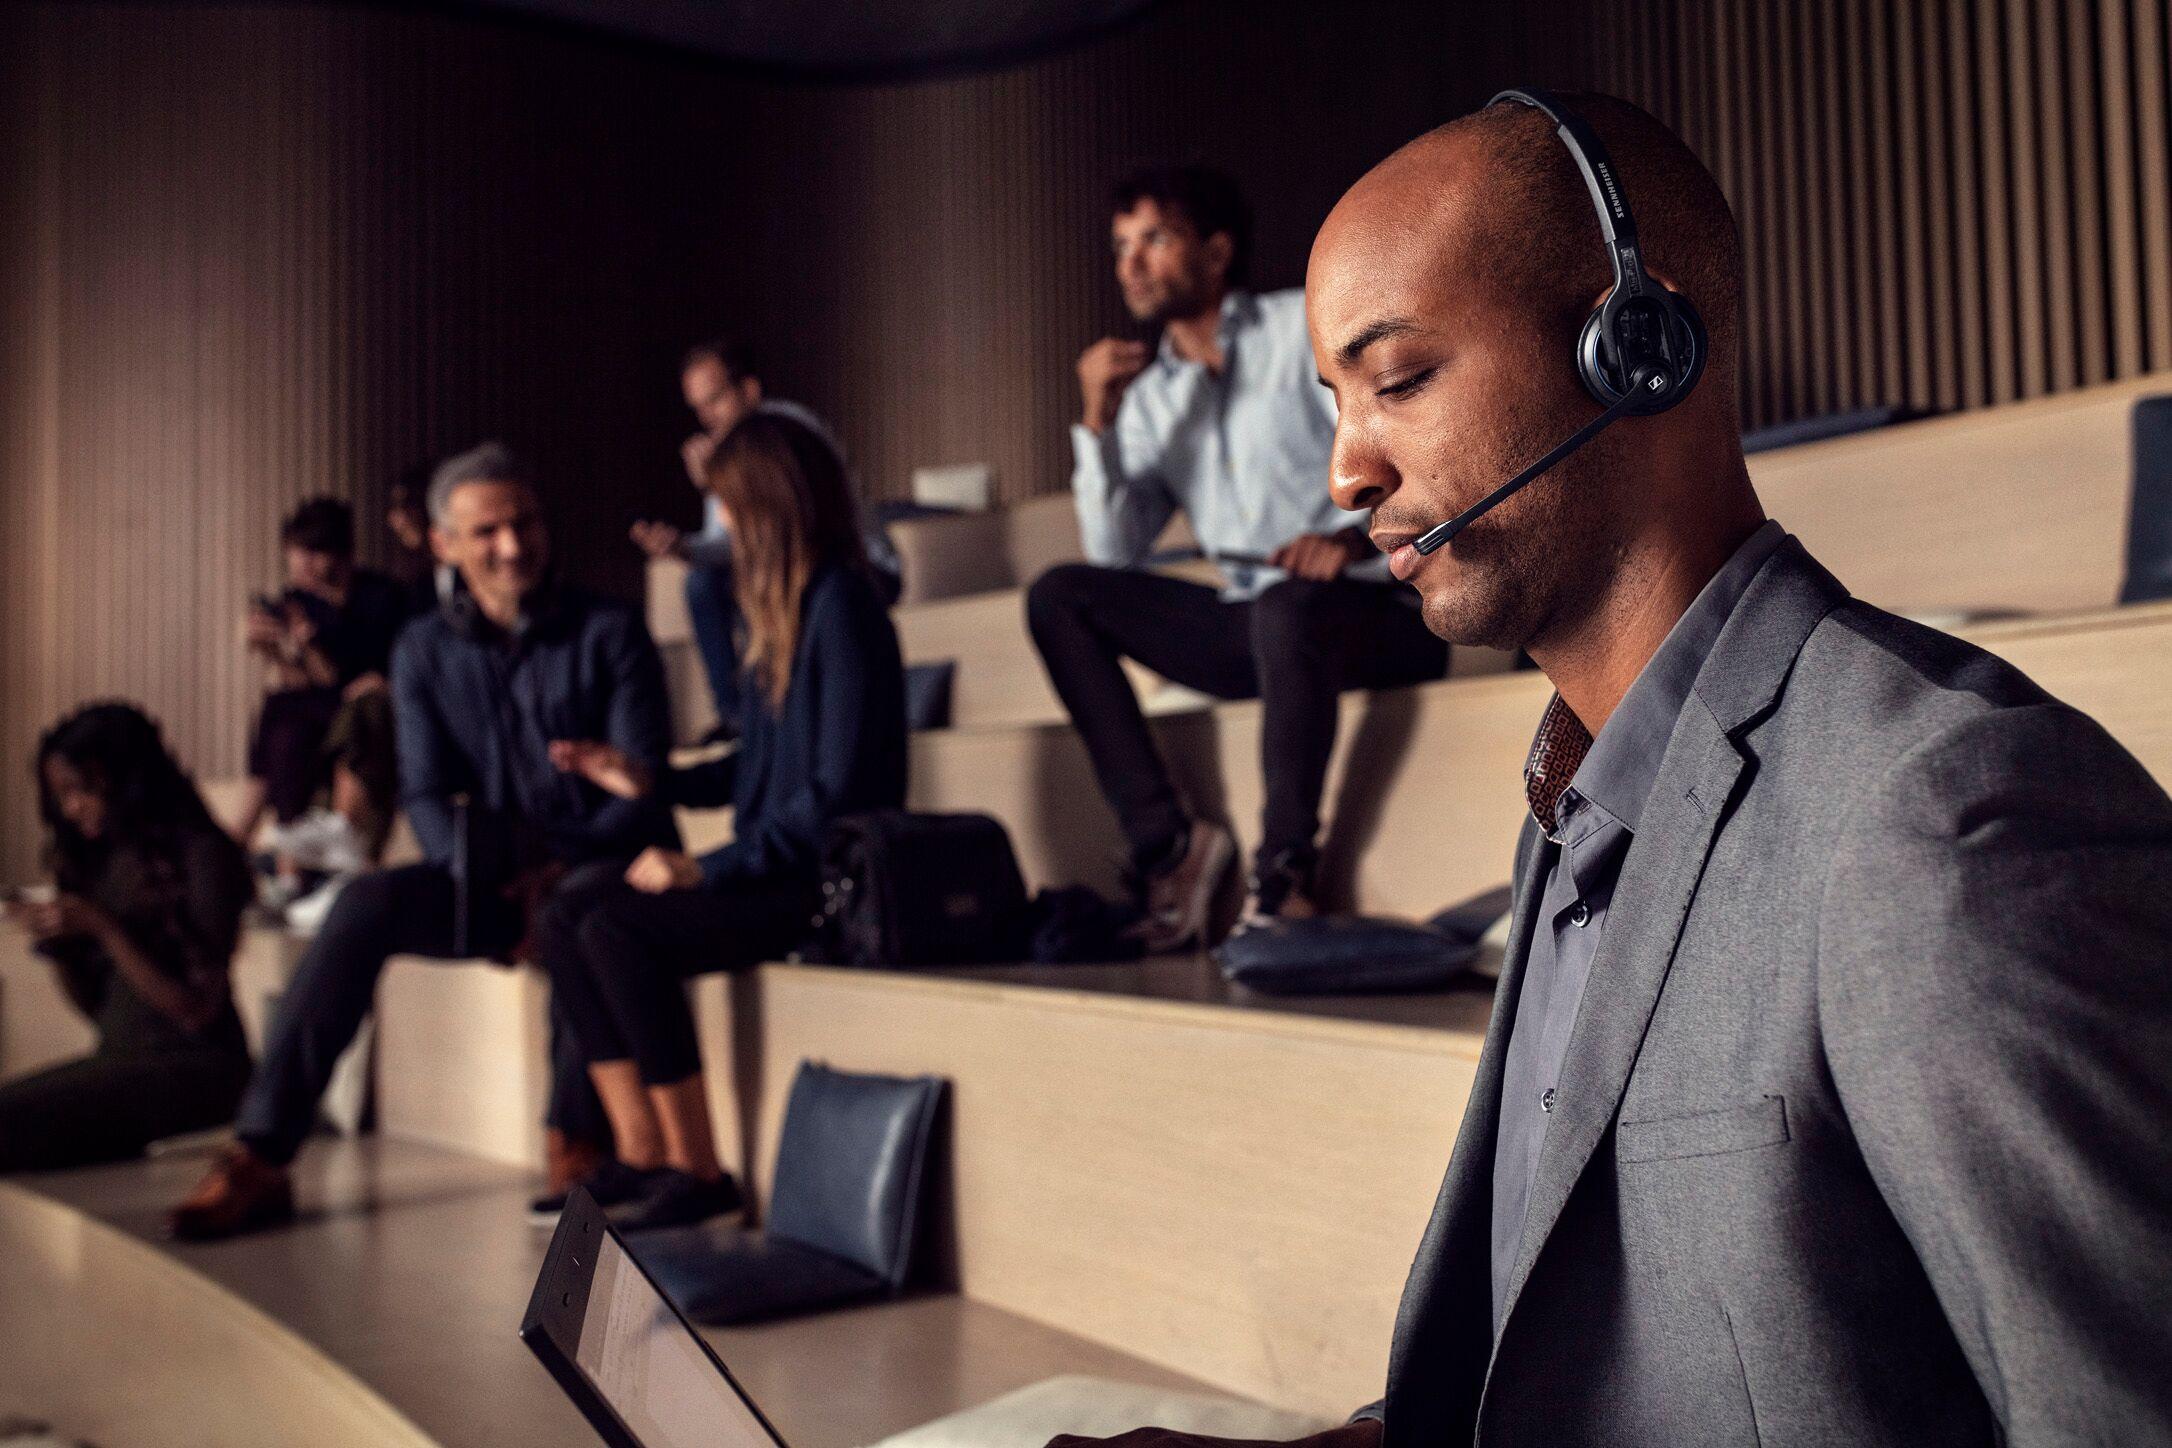 Une qualité sonore optimale pour les réunions – Témoignage de S&ME